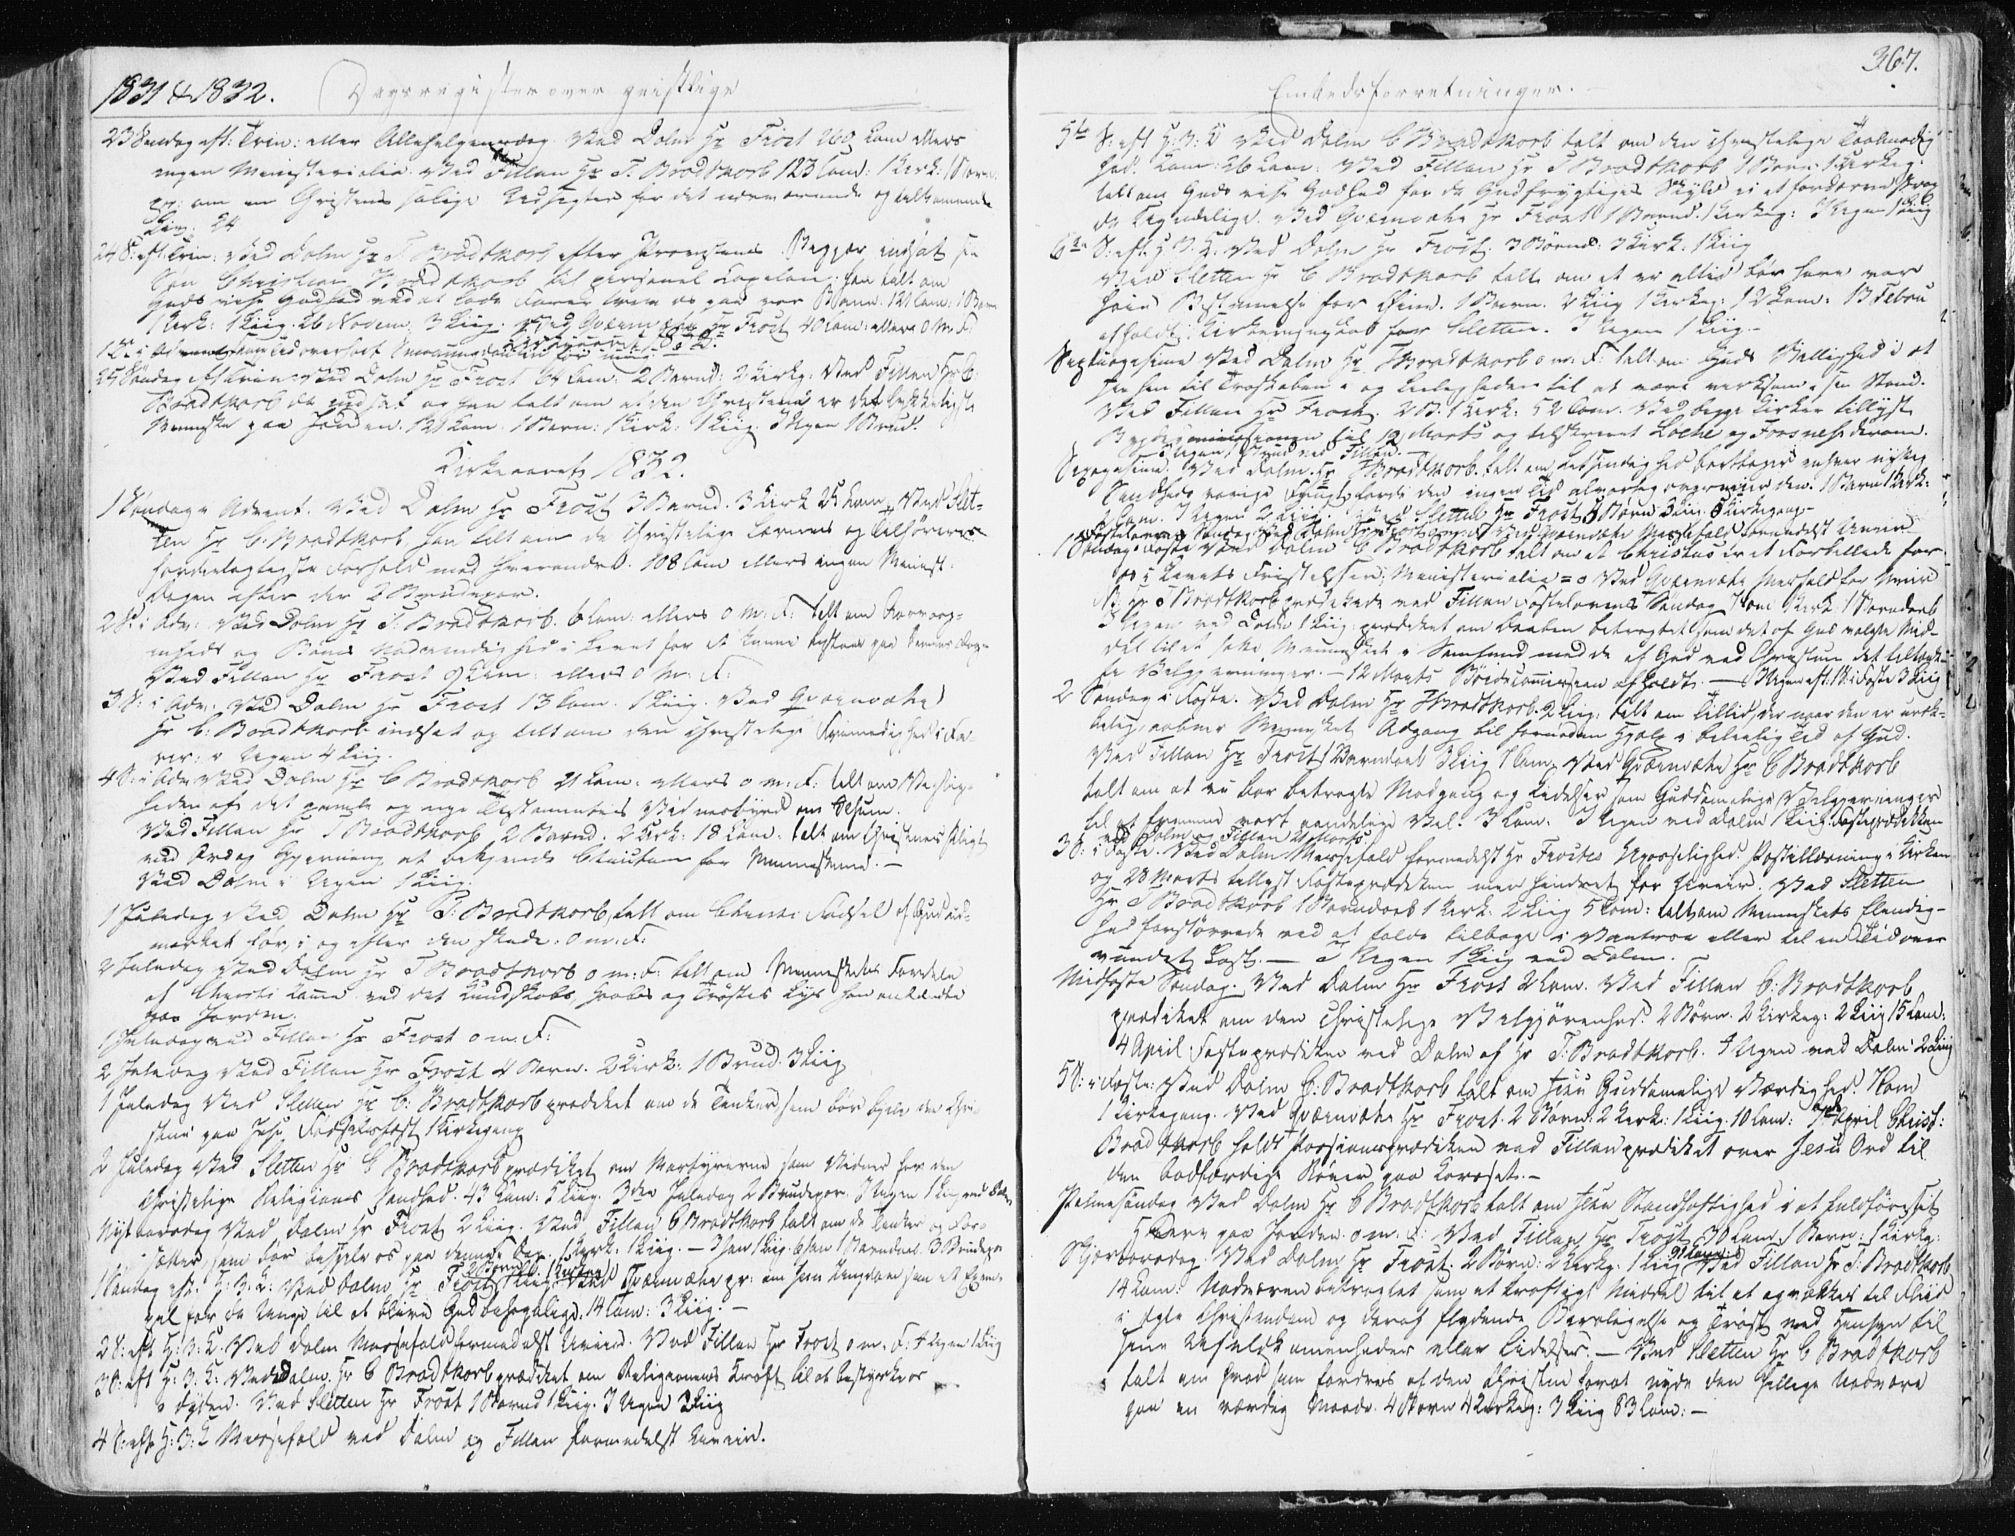 SAT, Ministerialprotokoller, klokkerbøker og fødselsregistre - Sør-Trøndelag, 634/L0528: Ministerialbok nr. 634A04, 1827-1842, s. 367